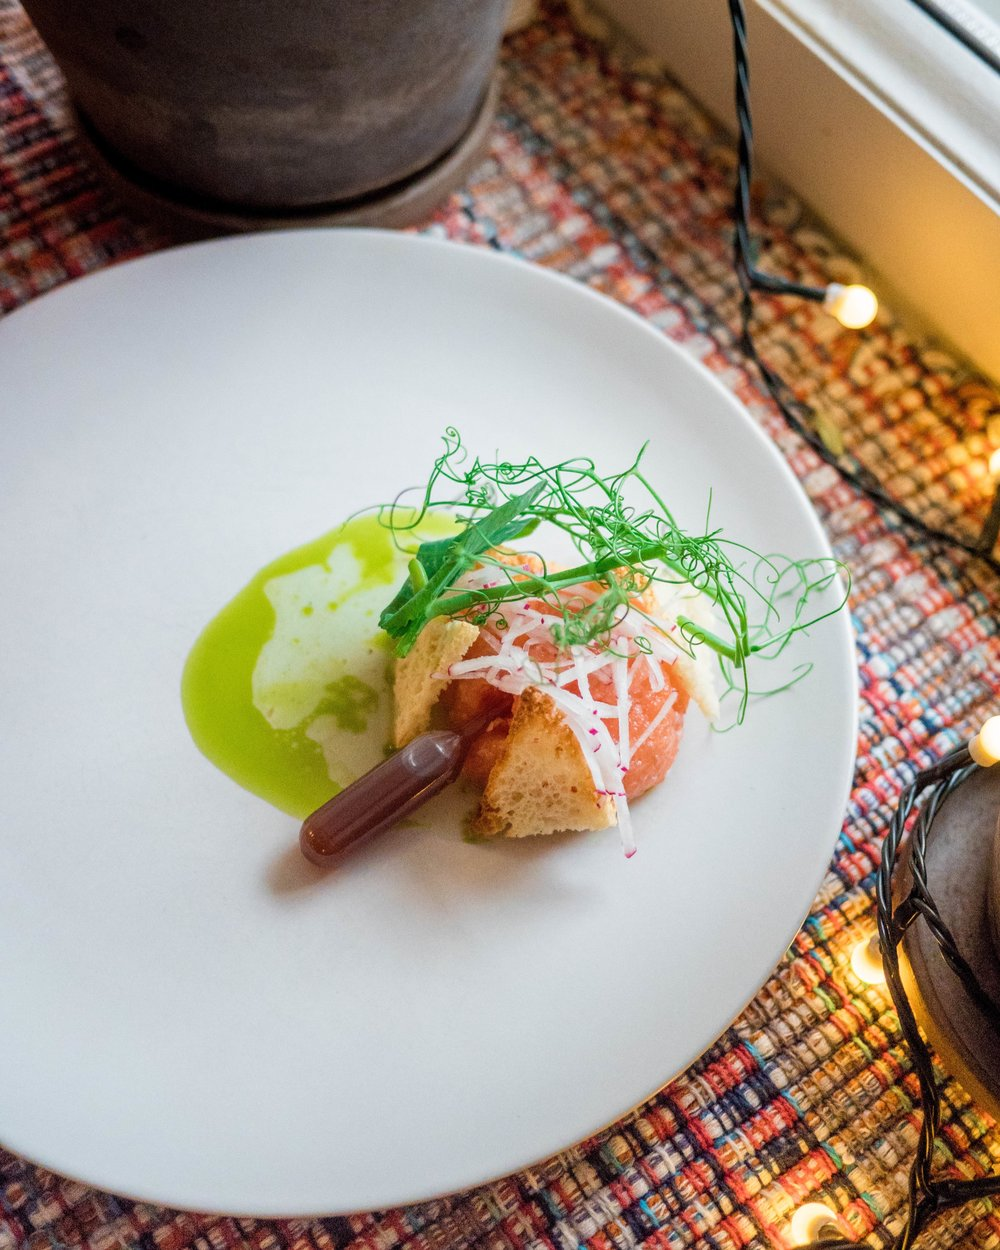 EELROOG - PUNAKALA TARTAR    Sojapipett, marineeritud ingver,  wakame , krõbe melba   Täiega Susanni söök – soja ja toores kala. Väga värske ja lihtne kombinatsioon, mis on kokku pandud väga elegantselt, näiteks millal sina viimati pipetti nägid oma toidus?! Selle pipetiga sai ka reguleerida oma toidu vürtsikusastet - kui äge see veel oli.